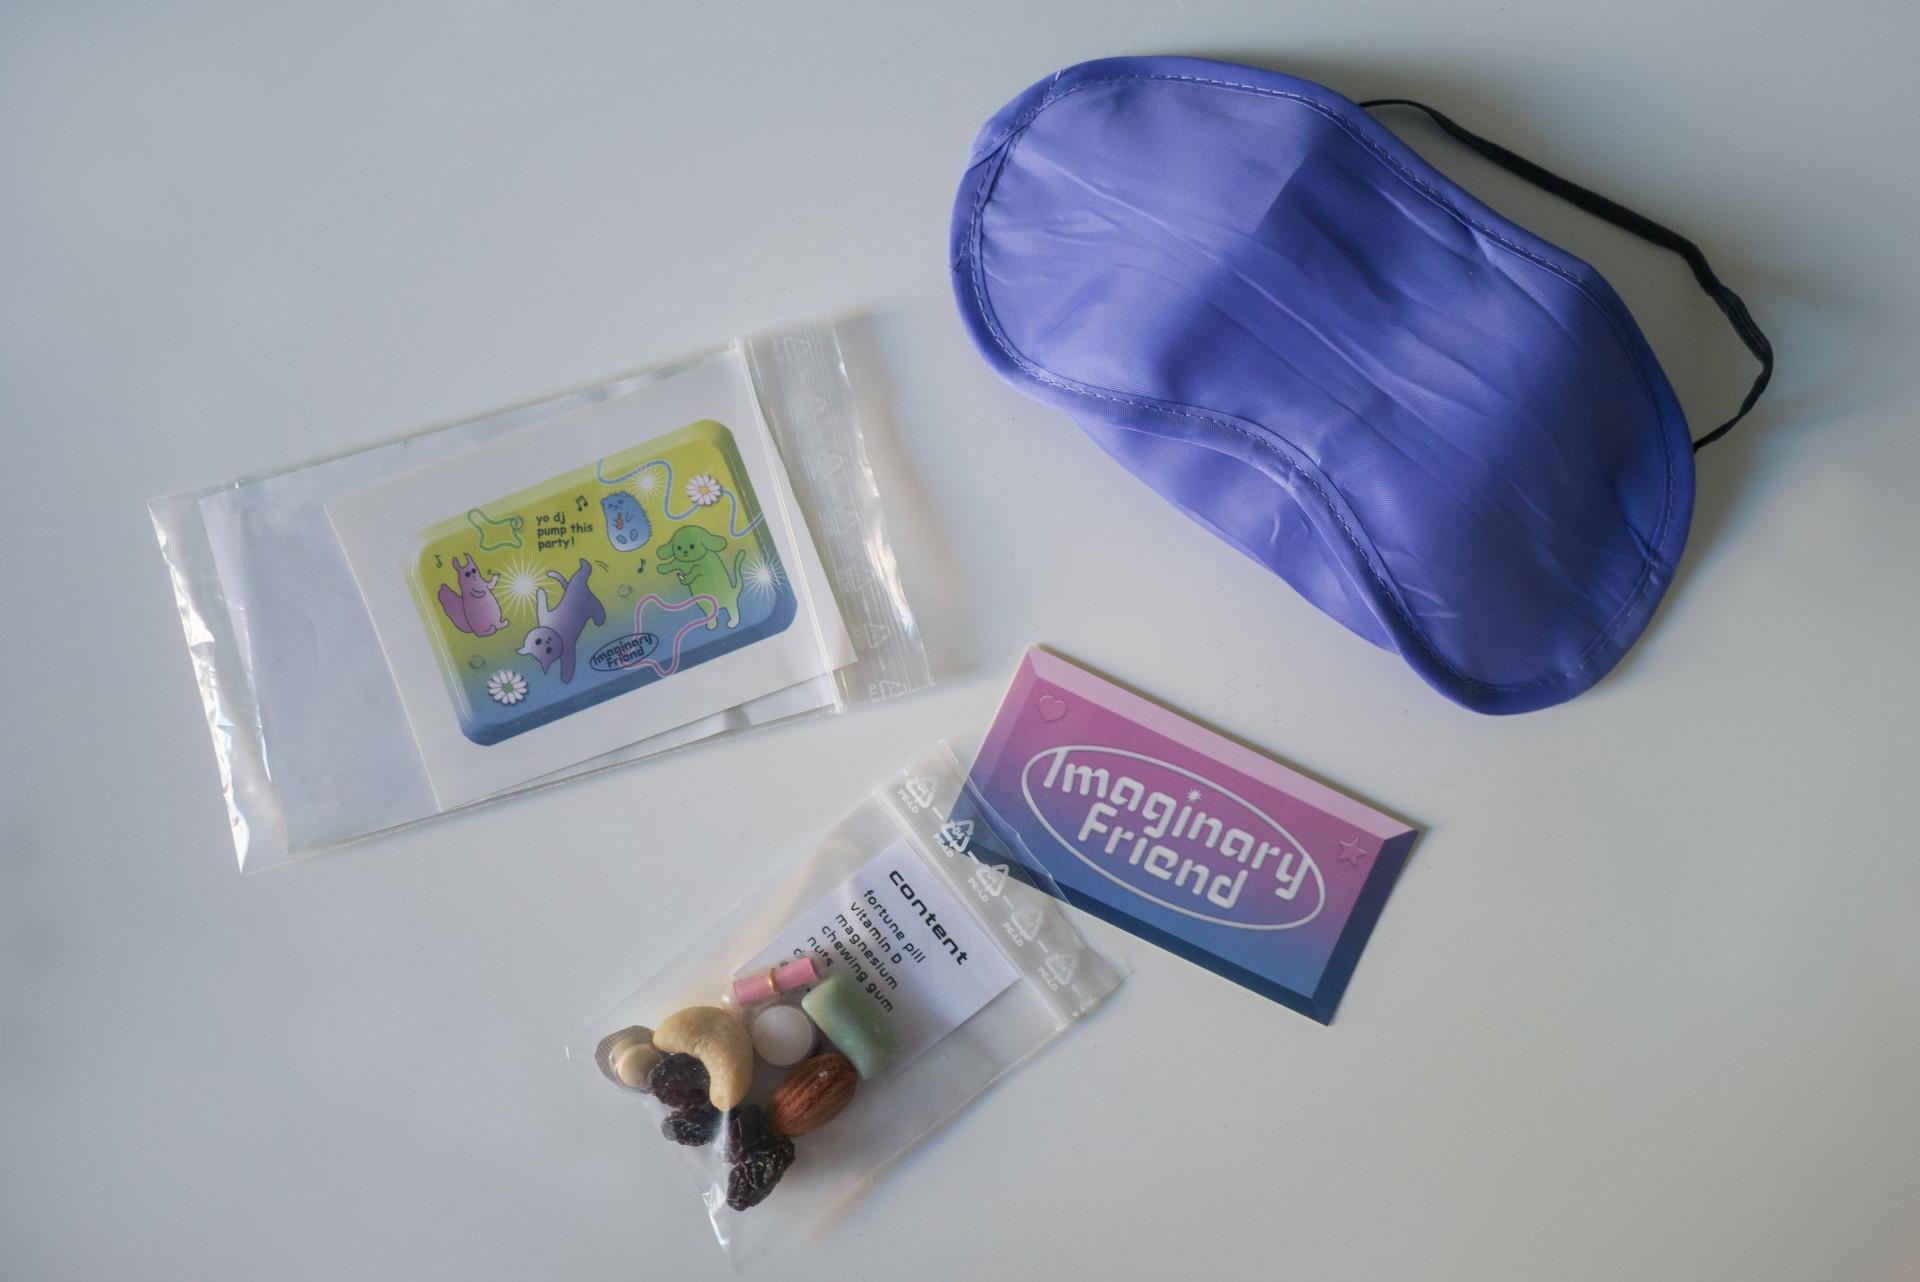 Giveaway goods